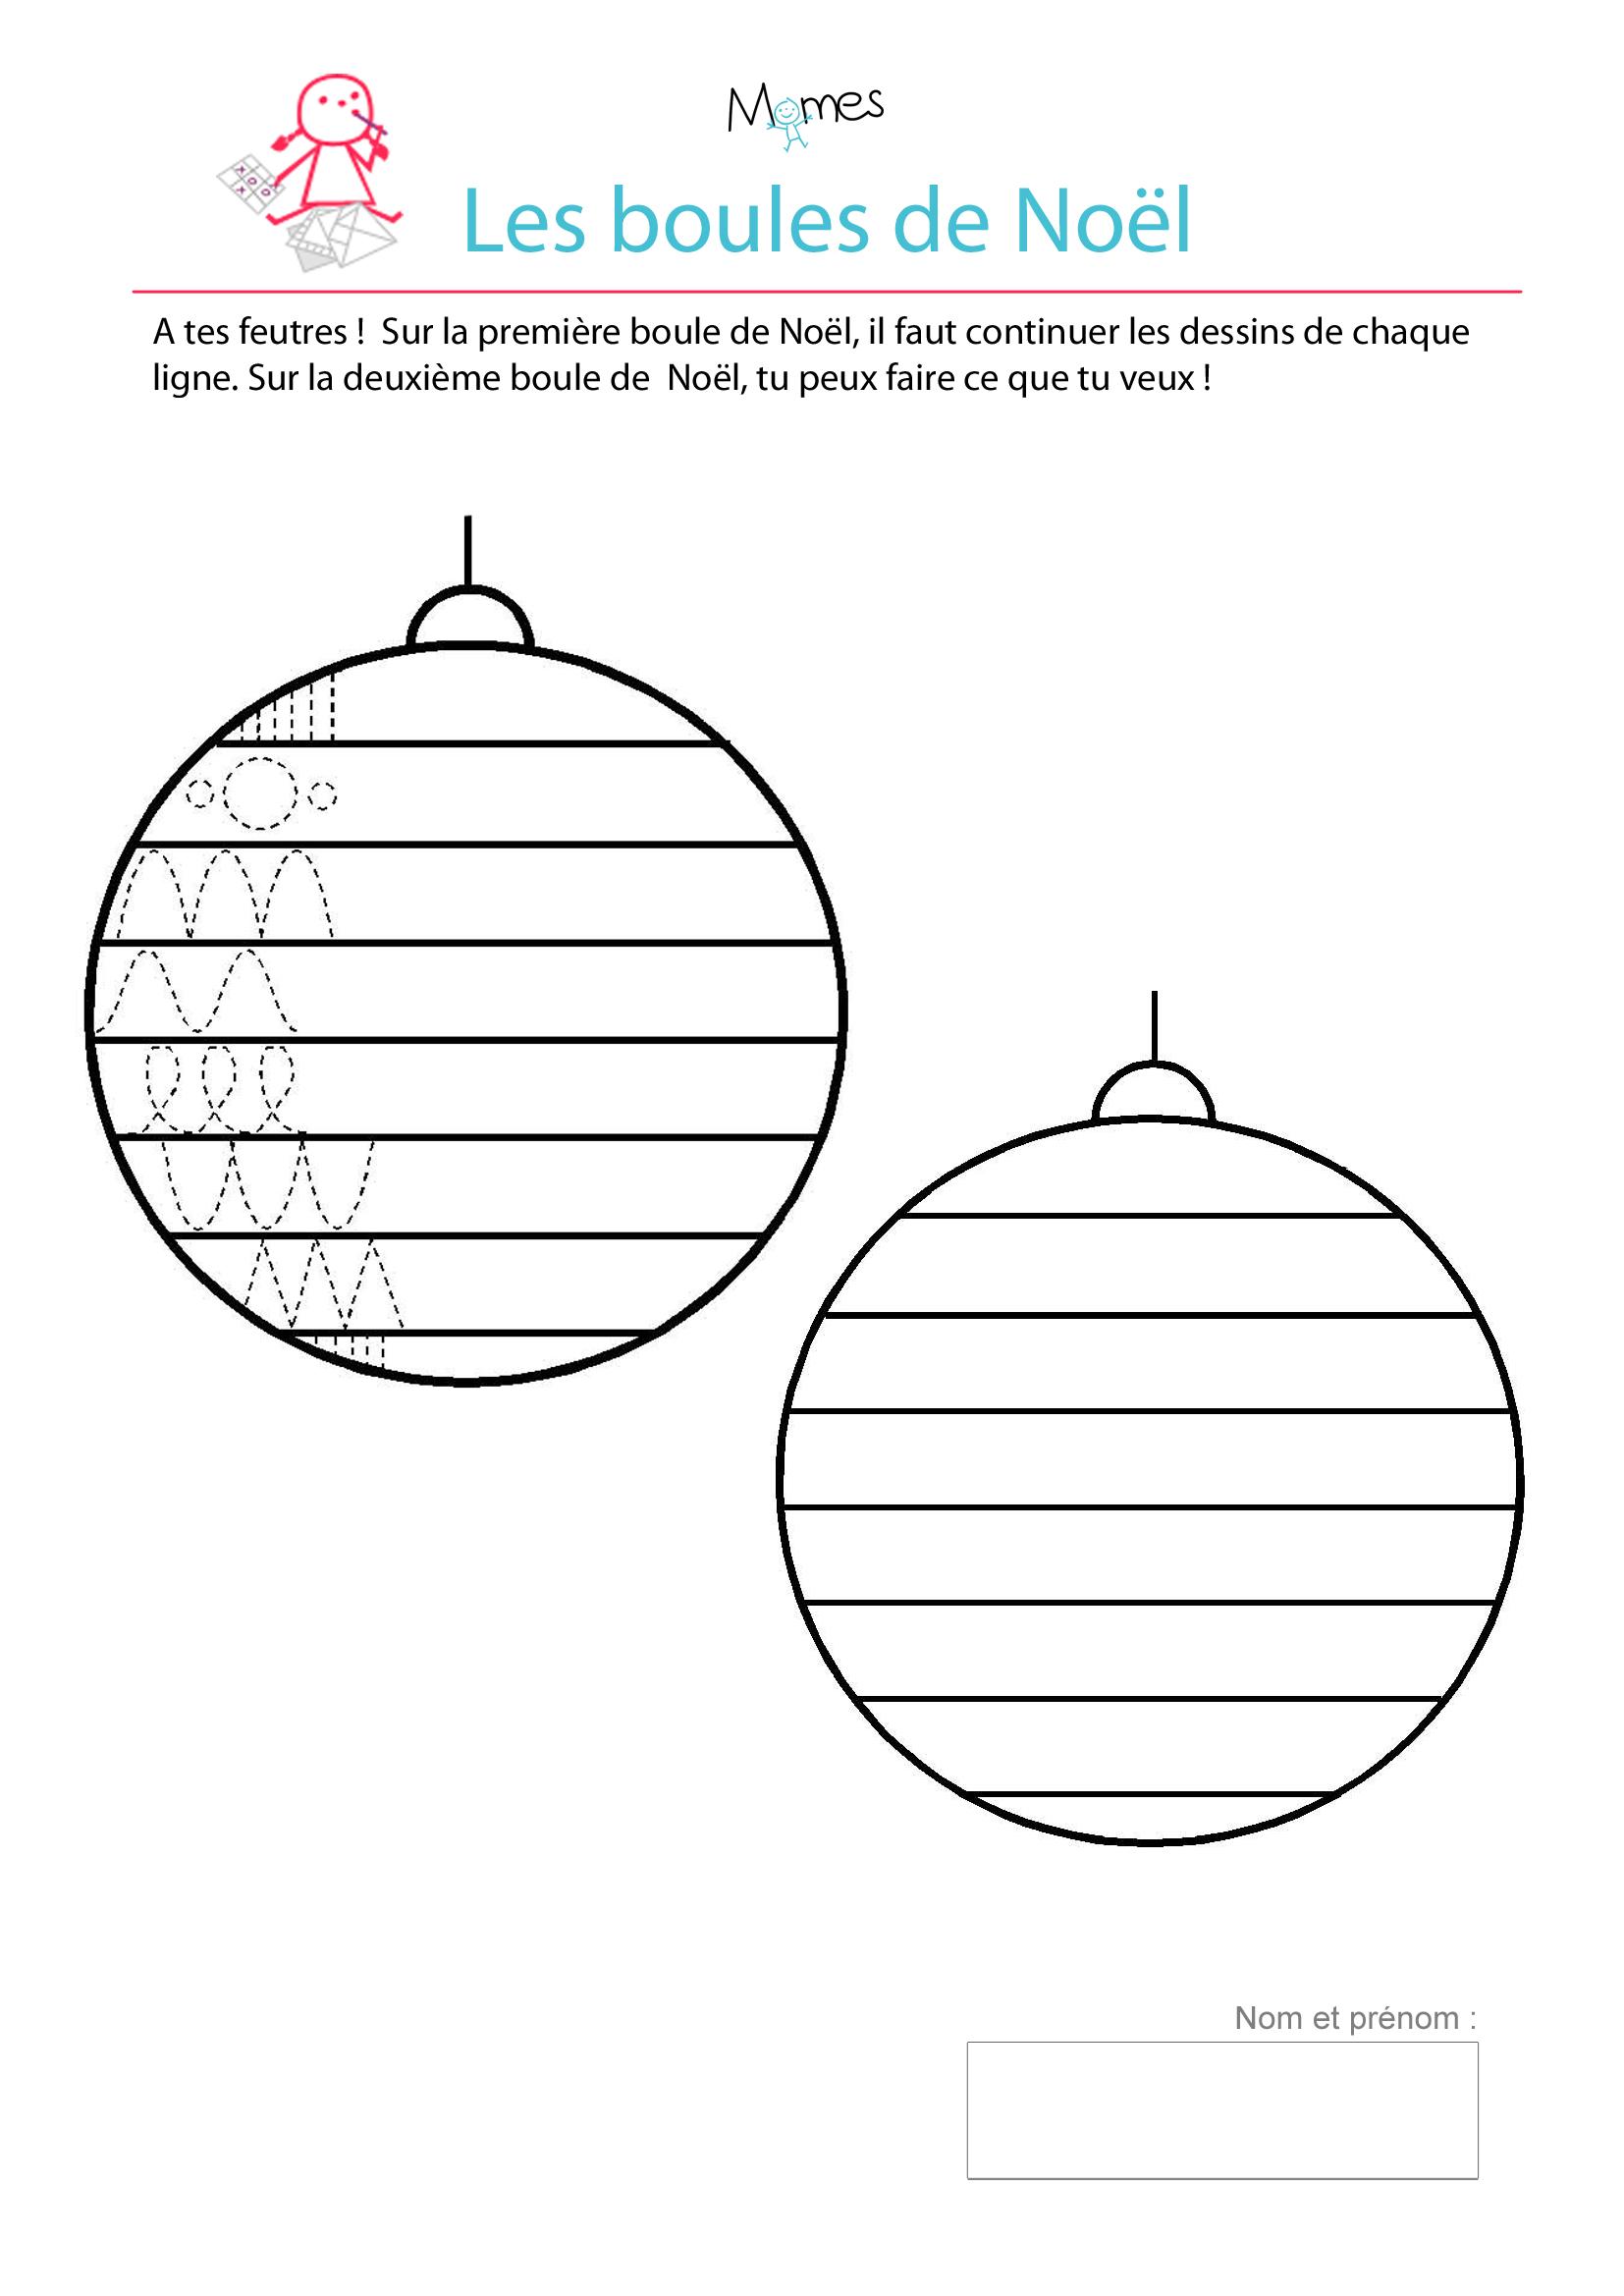 Décore les boules de Noël